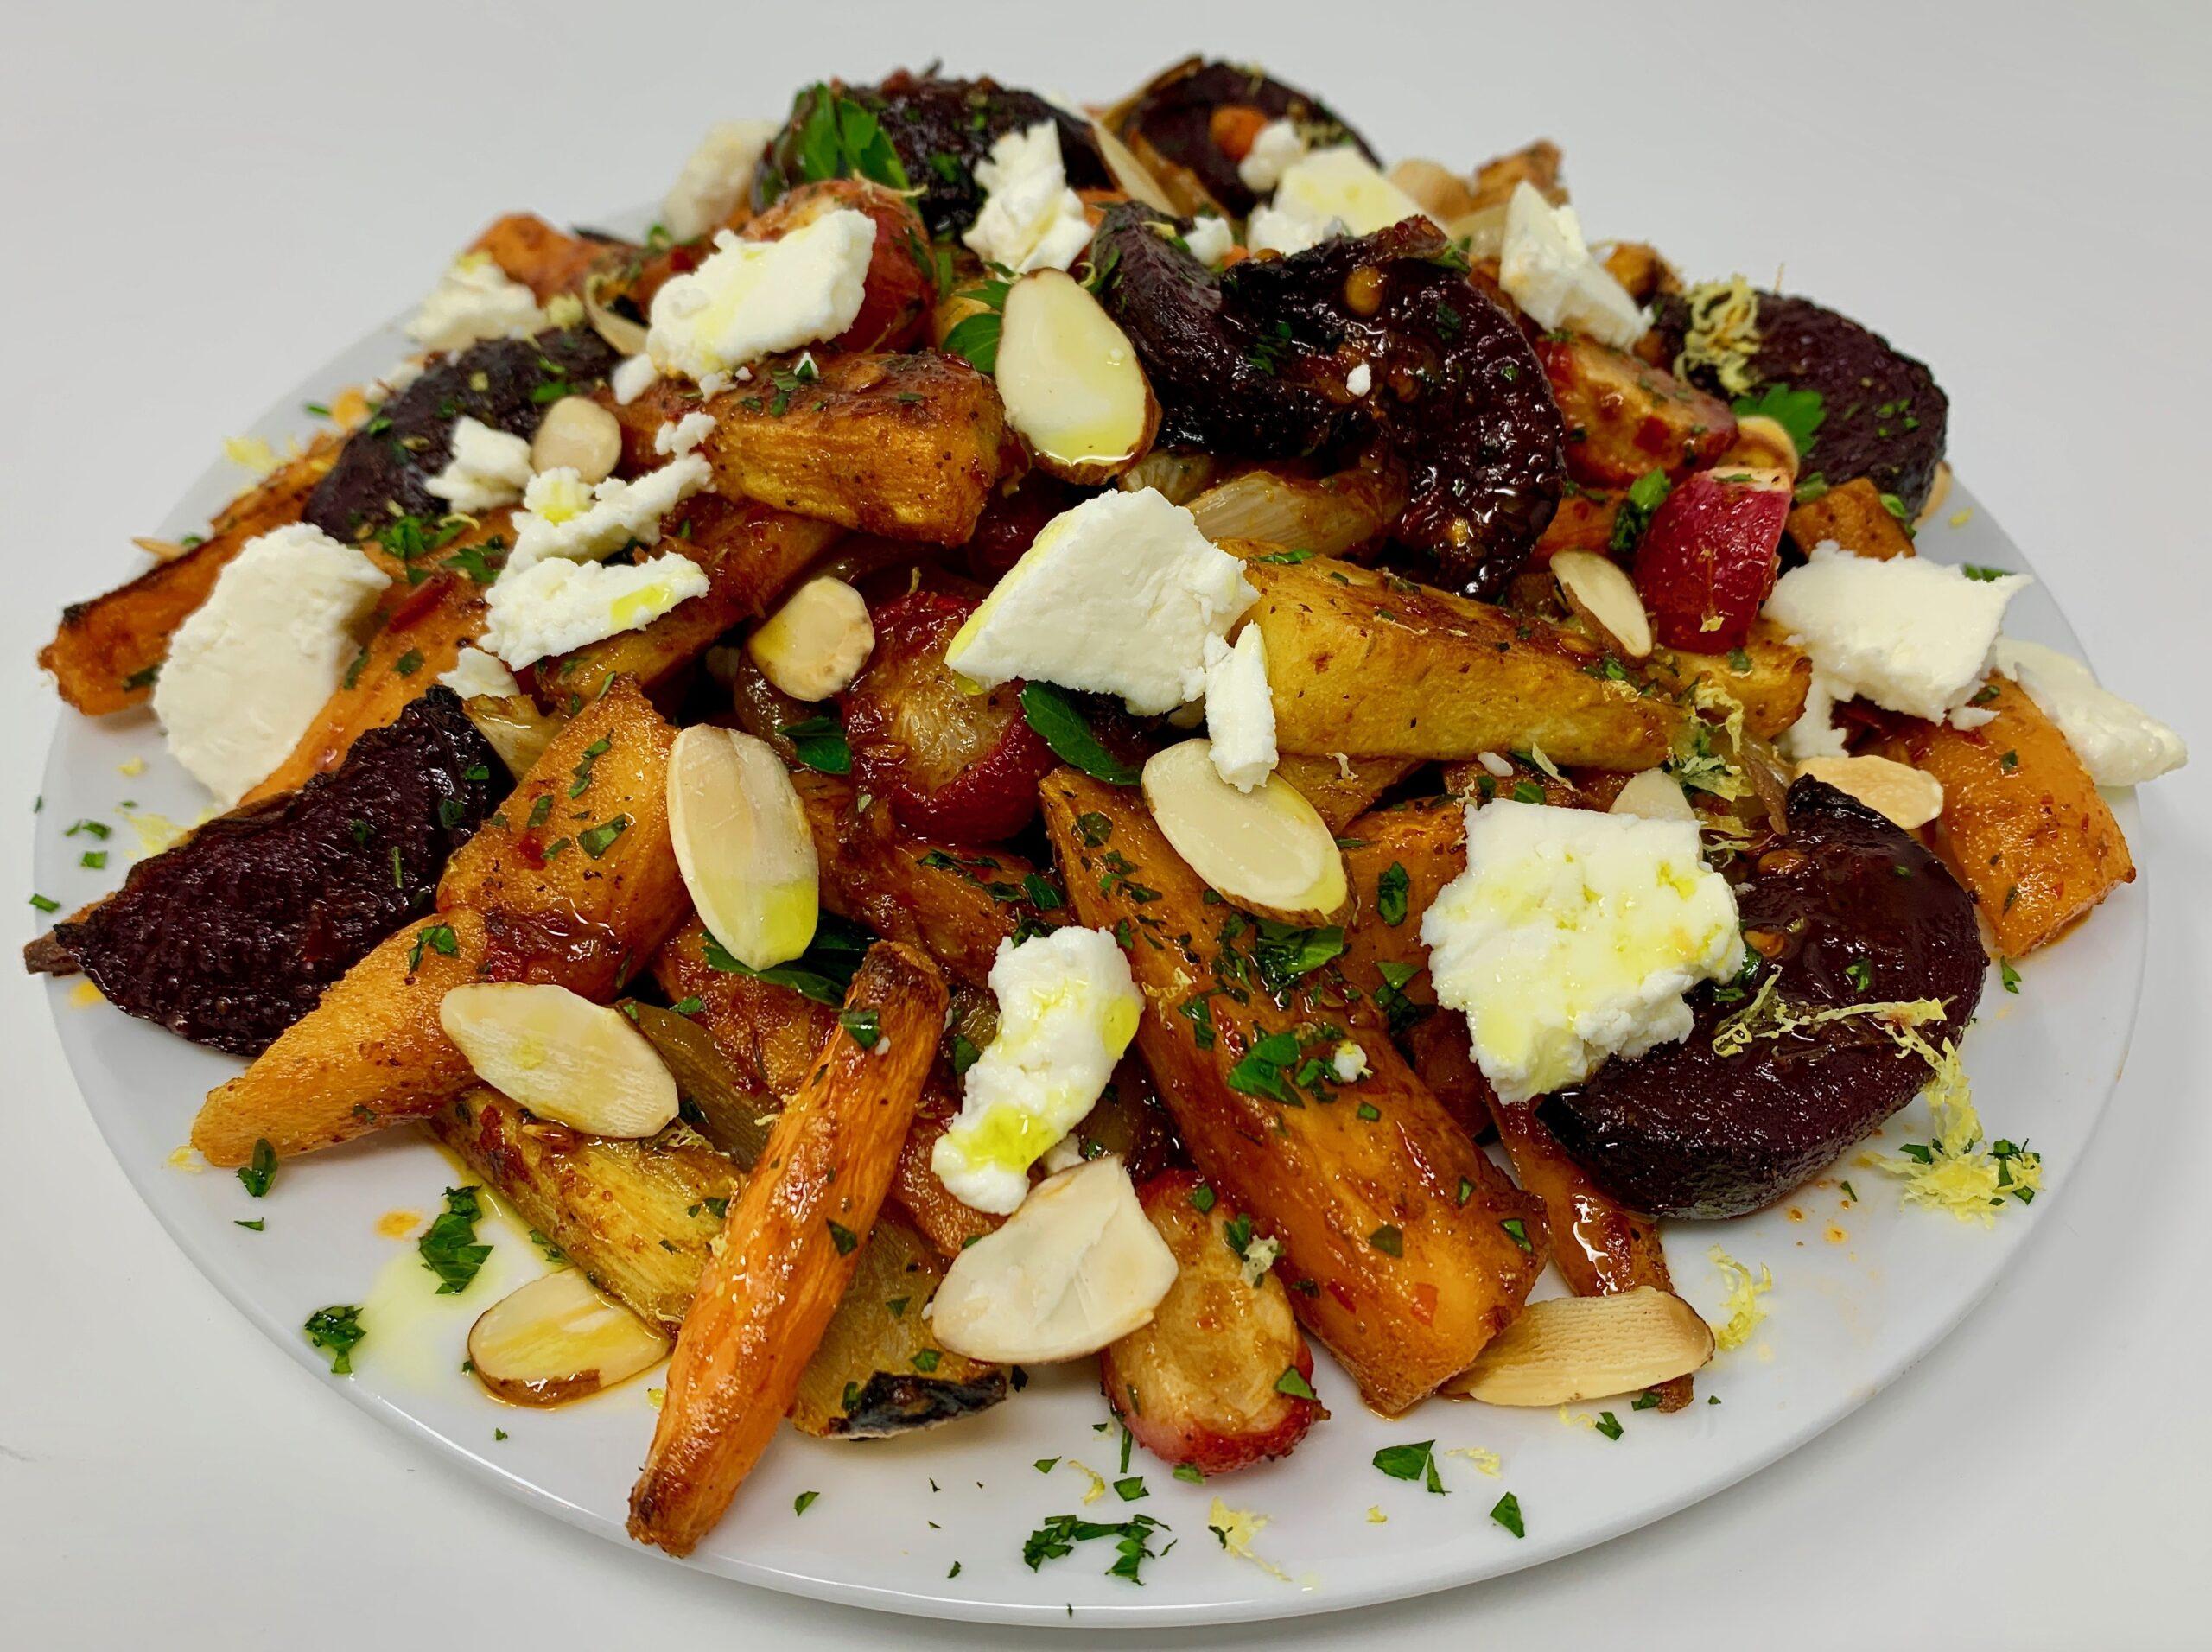 Roasted Root Veggie Salad